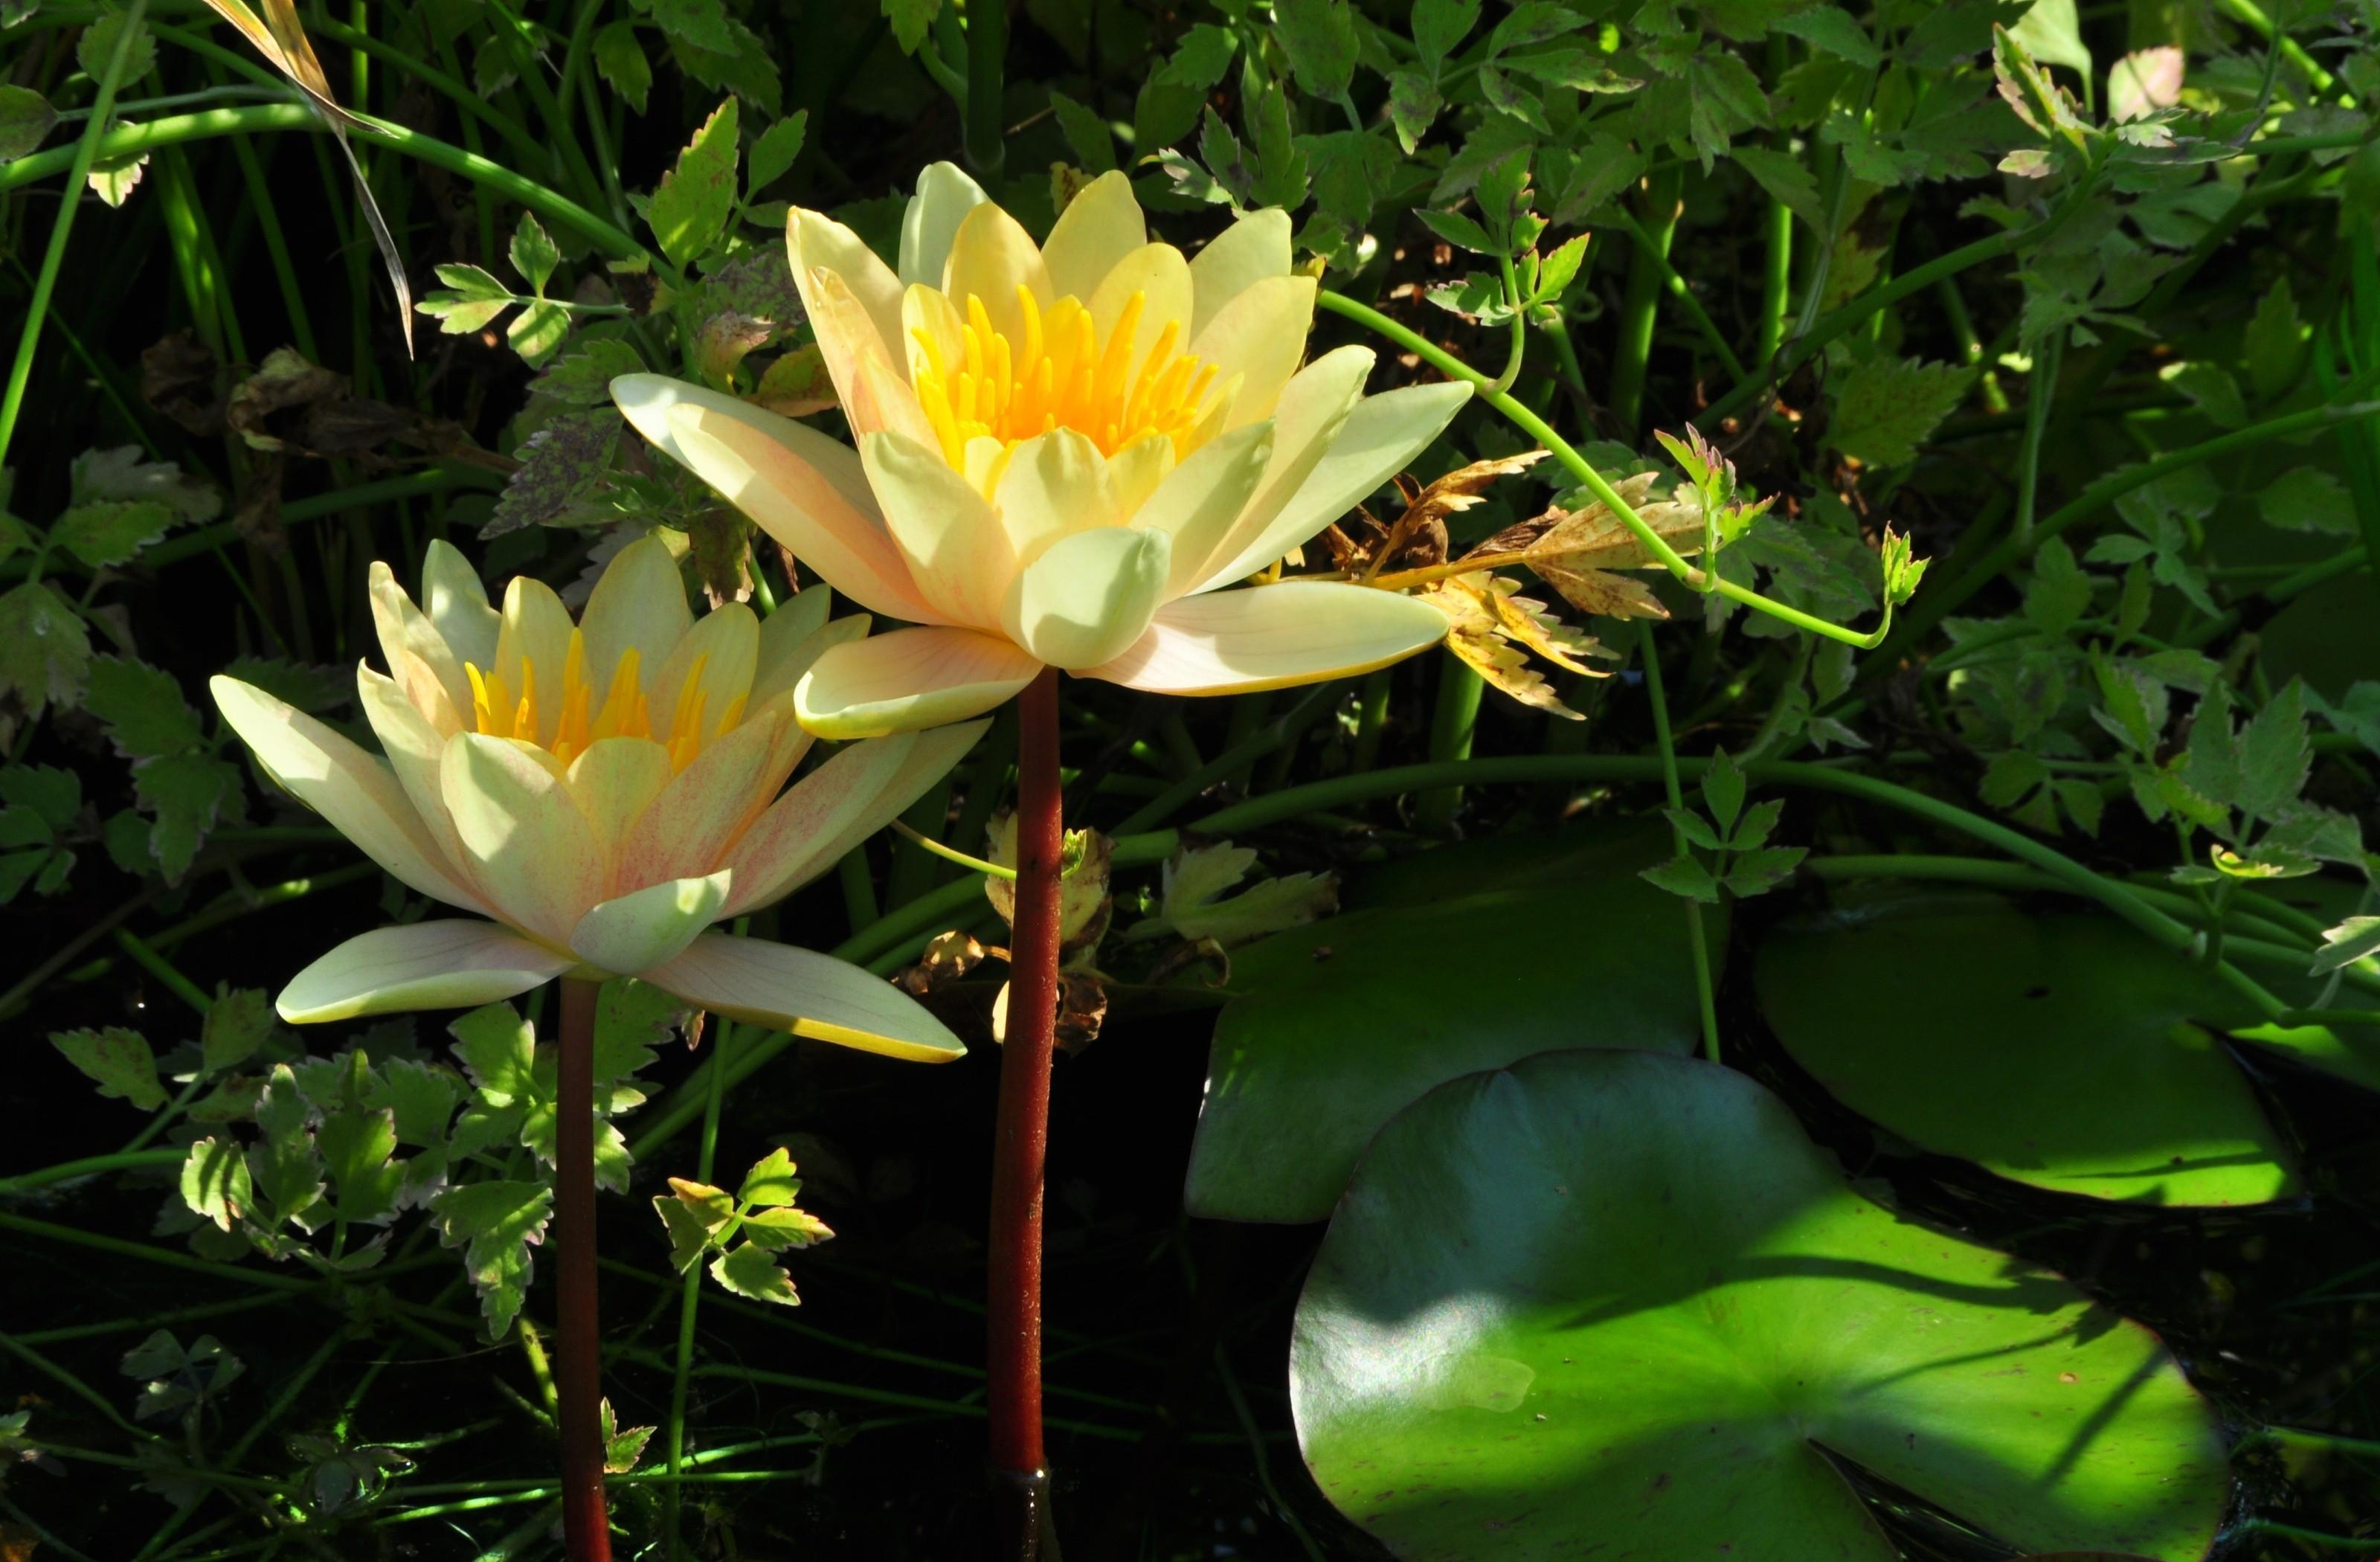 107187 скачать обои Цветы, Кувшинки, Пара, Стебли, Листья, Вода - заставки и картинки бесплатно